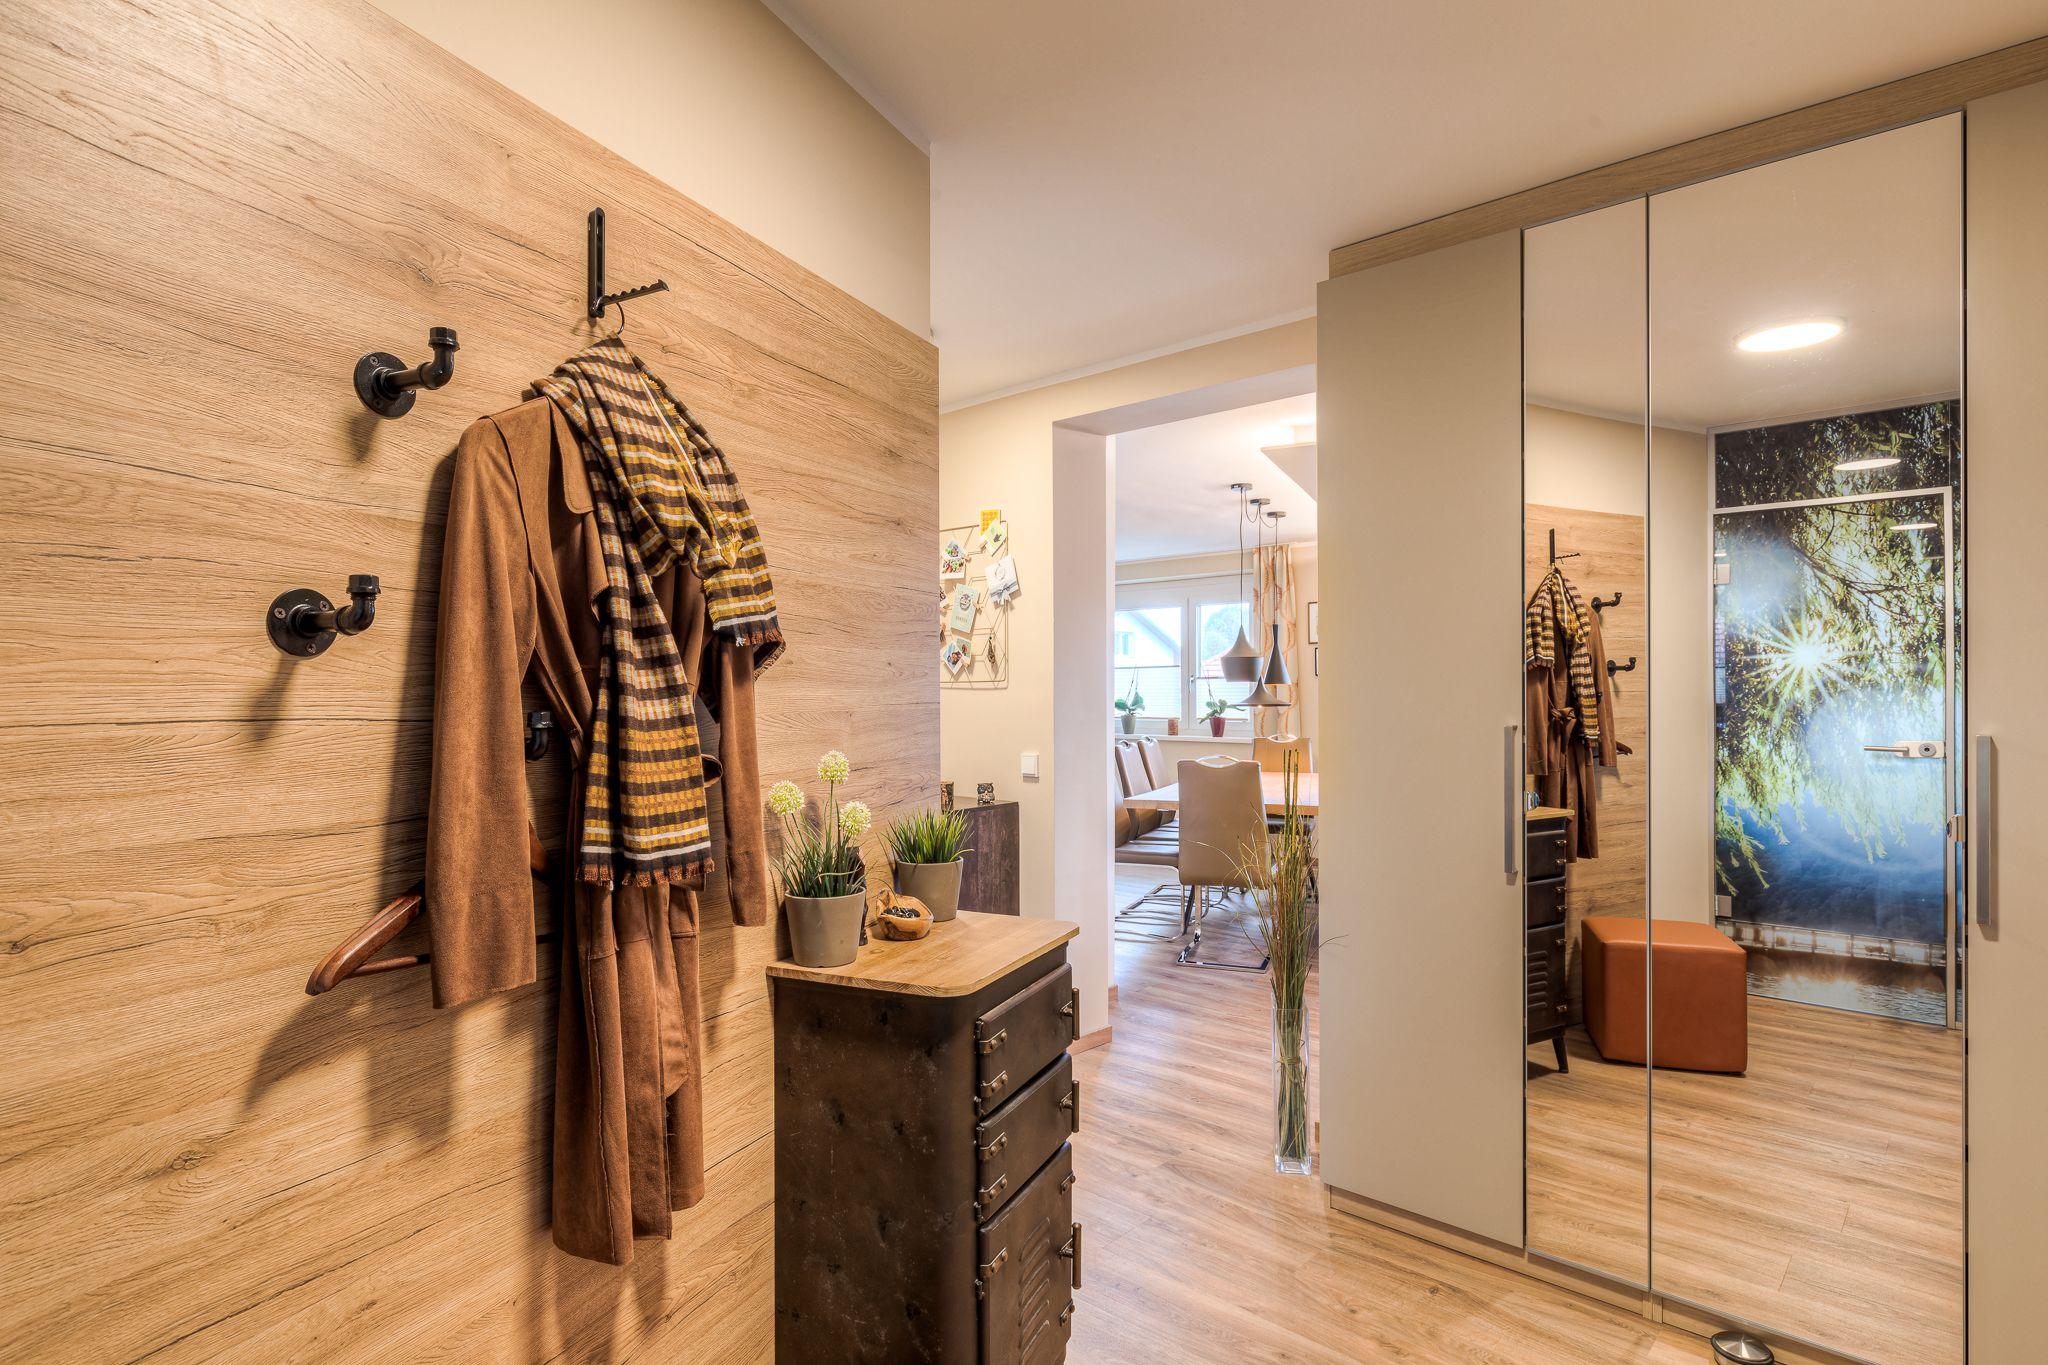 Garderobe altes Haus renovieren Steiner2 - Wie man alten Häusern neues Leben einhaucht